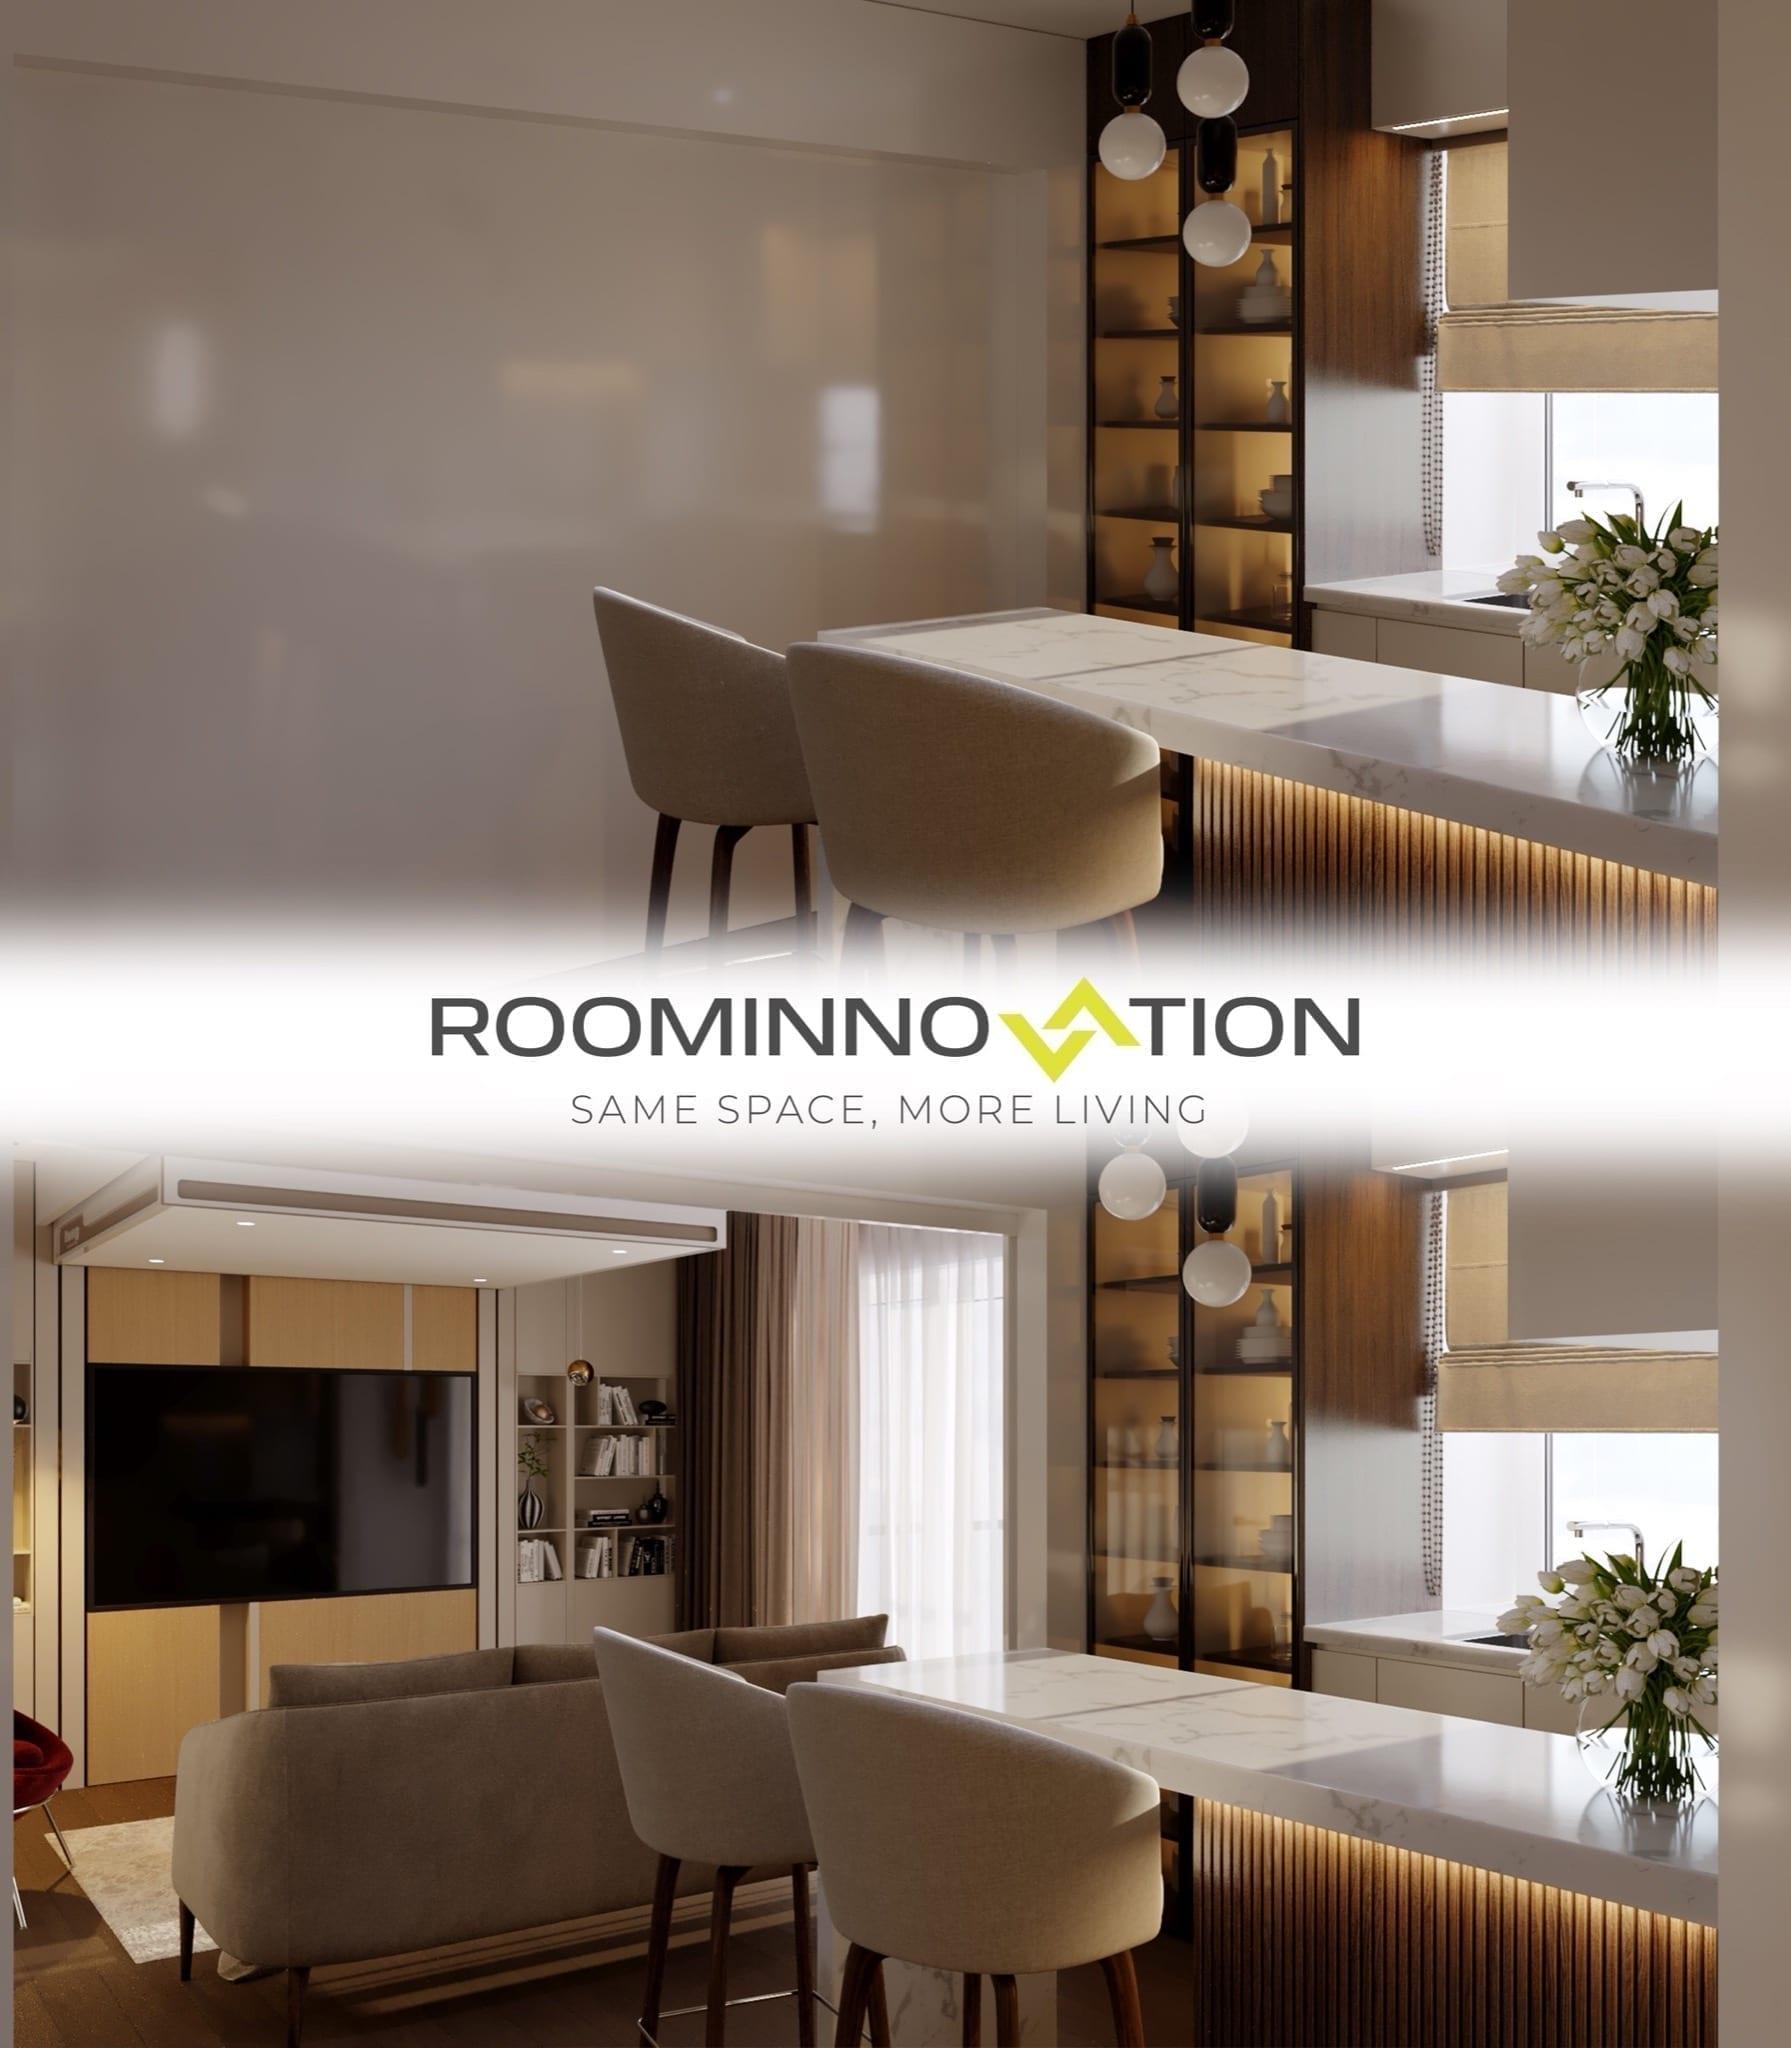 perete blur alb 1 copy - RoomInnovation, conceptul inovator care revoluționează conceptul clasic de apartament